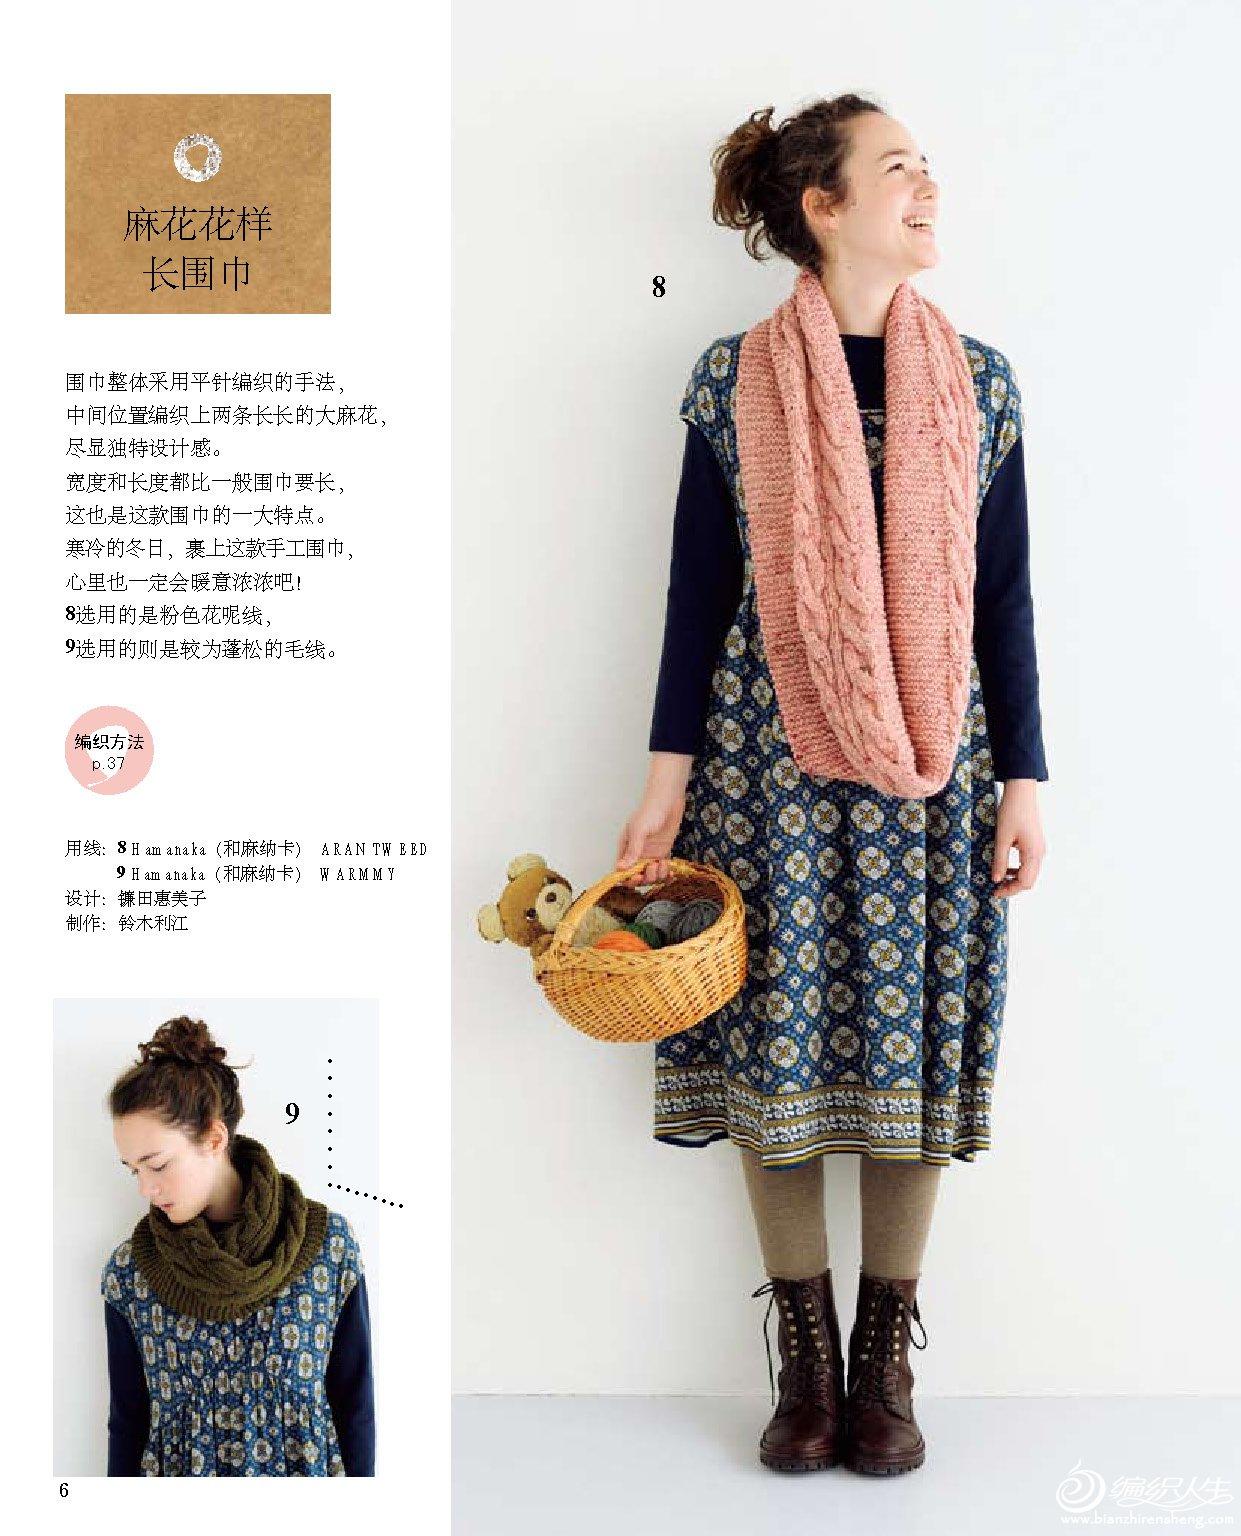 冬日温暖手工 围巾、披肩编织小可爱_页面_07.jpg